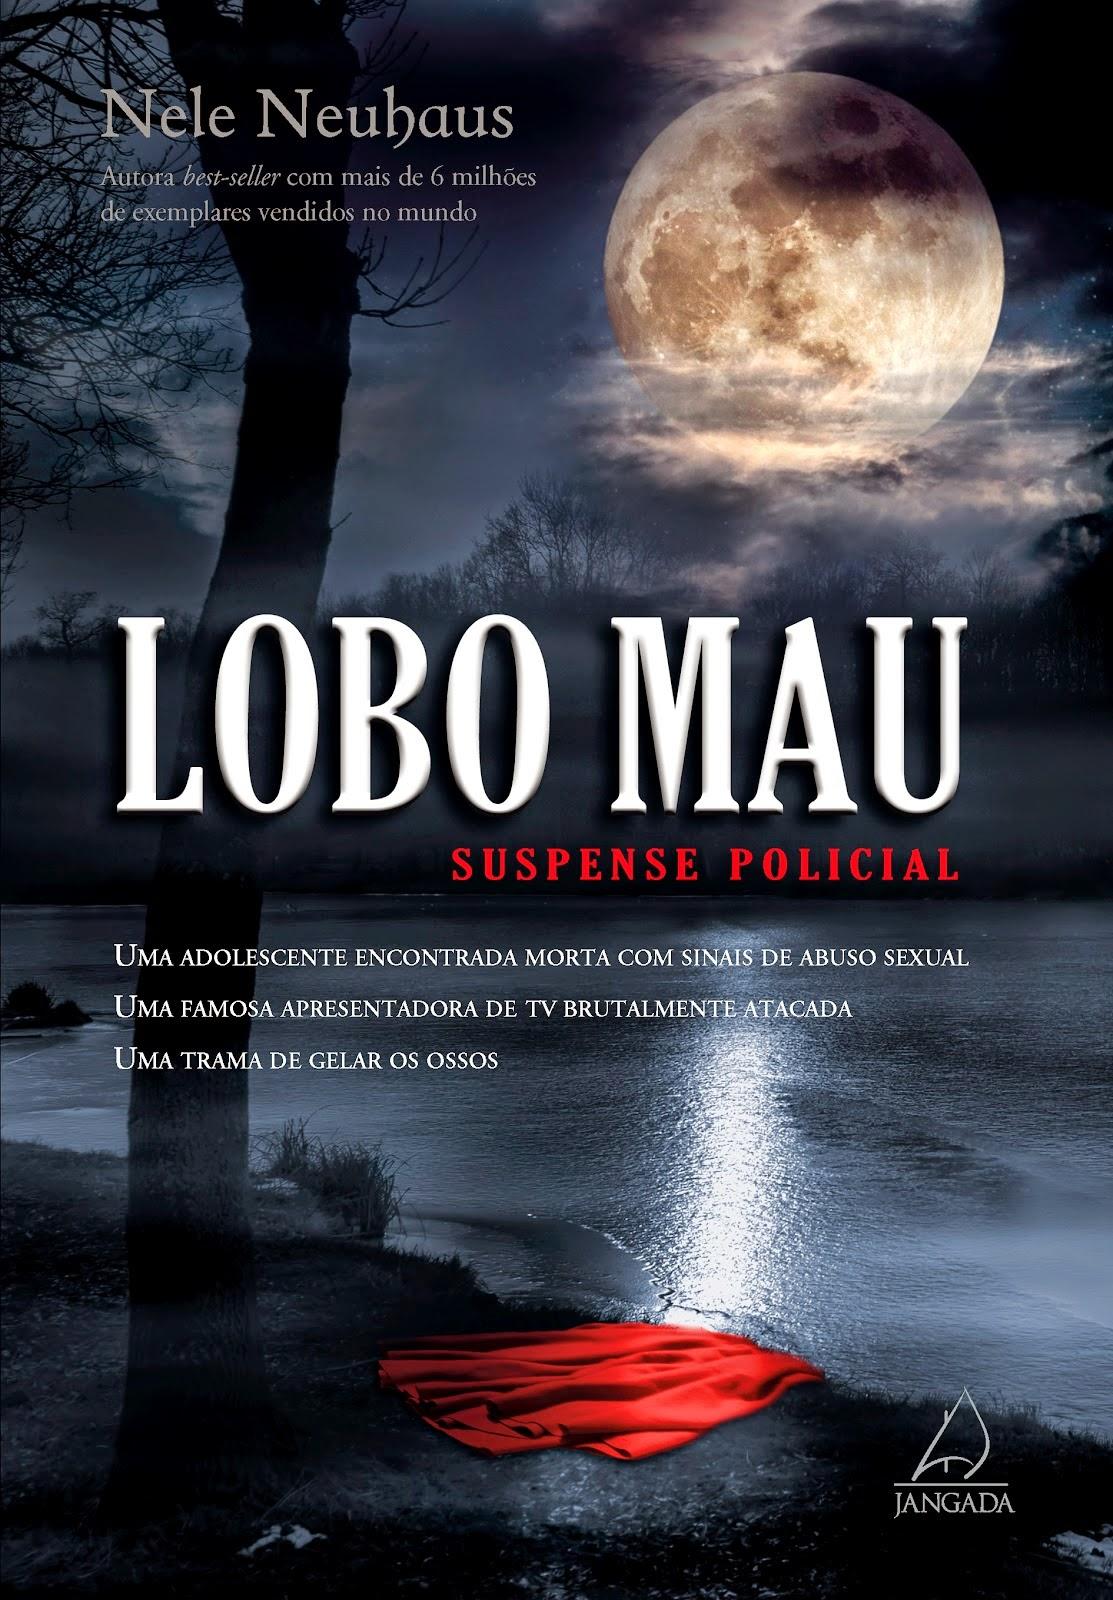 http://livrosvamosdevoralos.blogspot.com.br/2015/03/resenha-lobo-mau.html